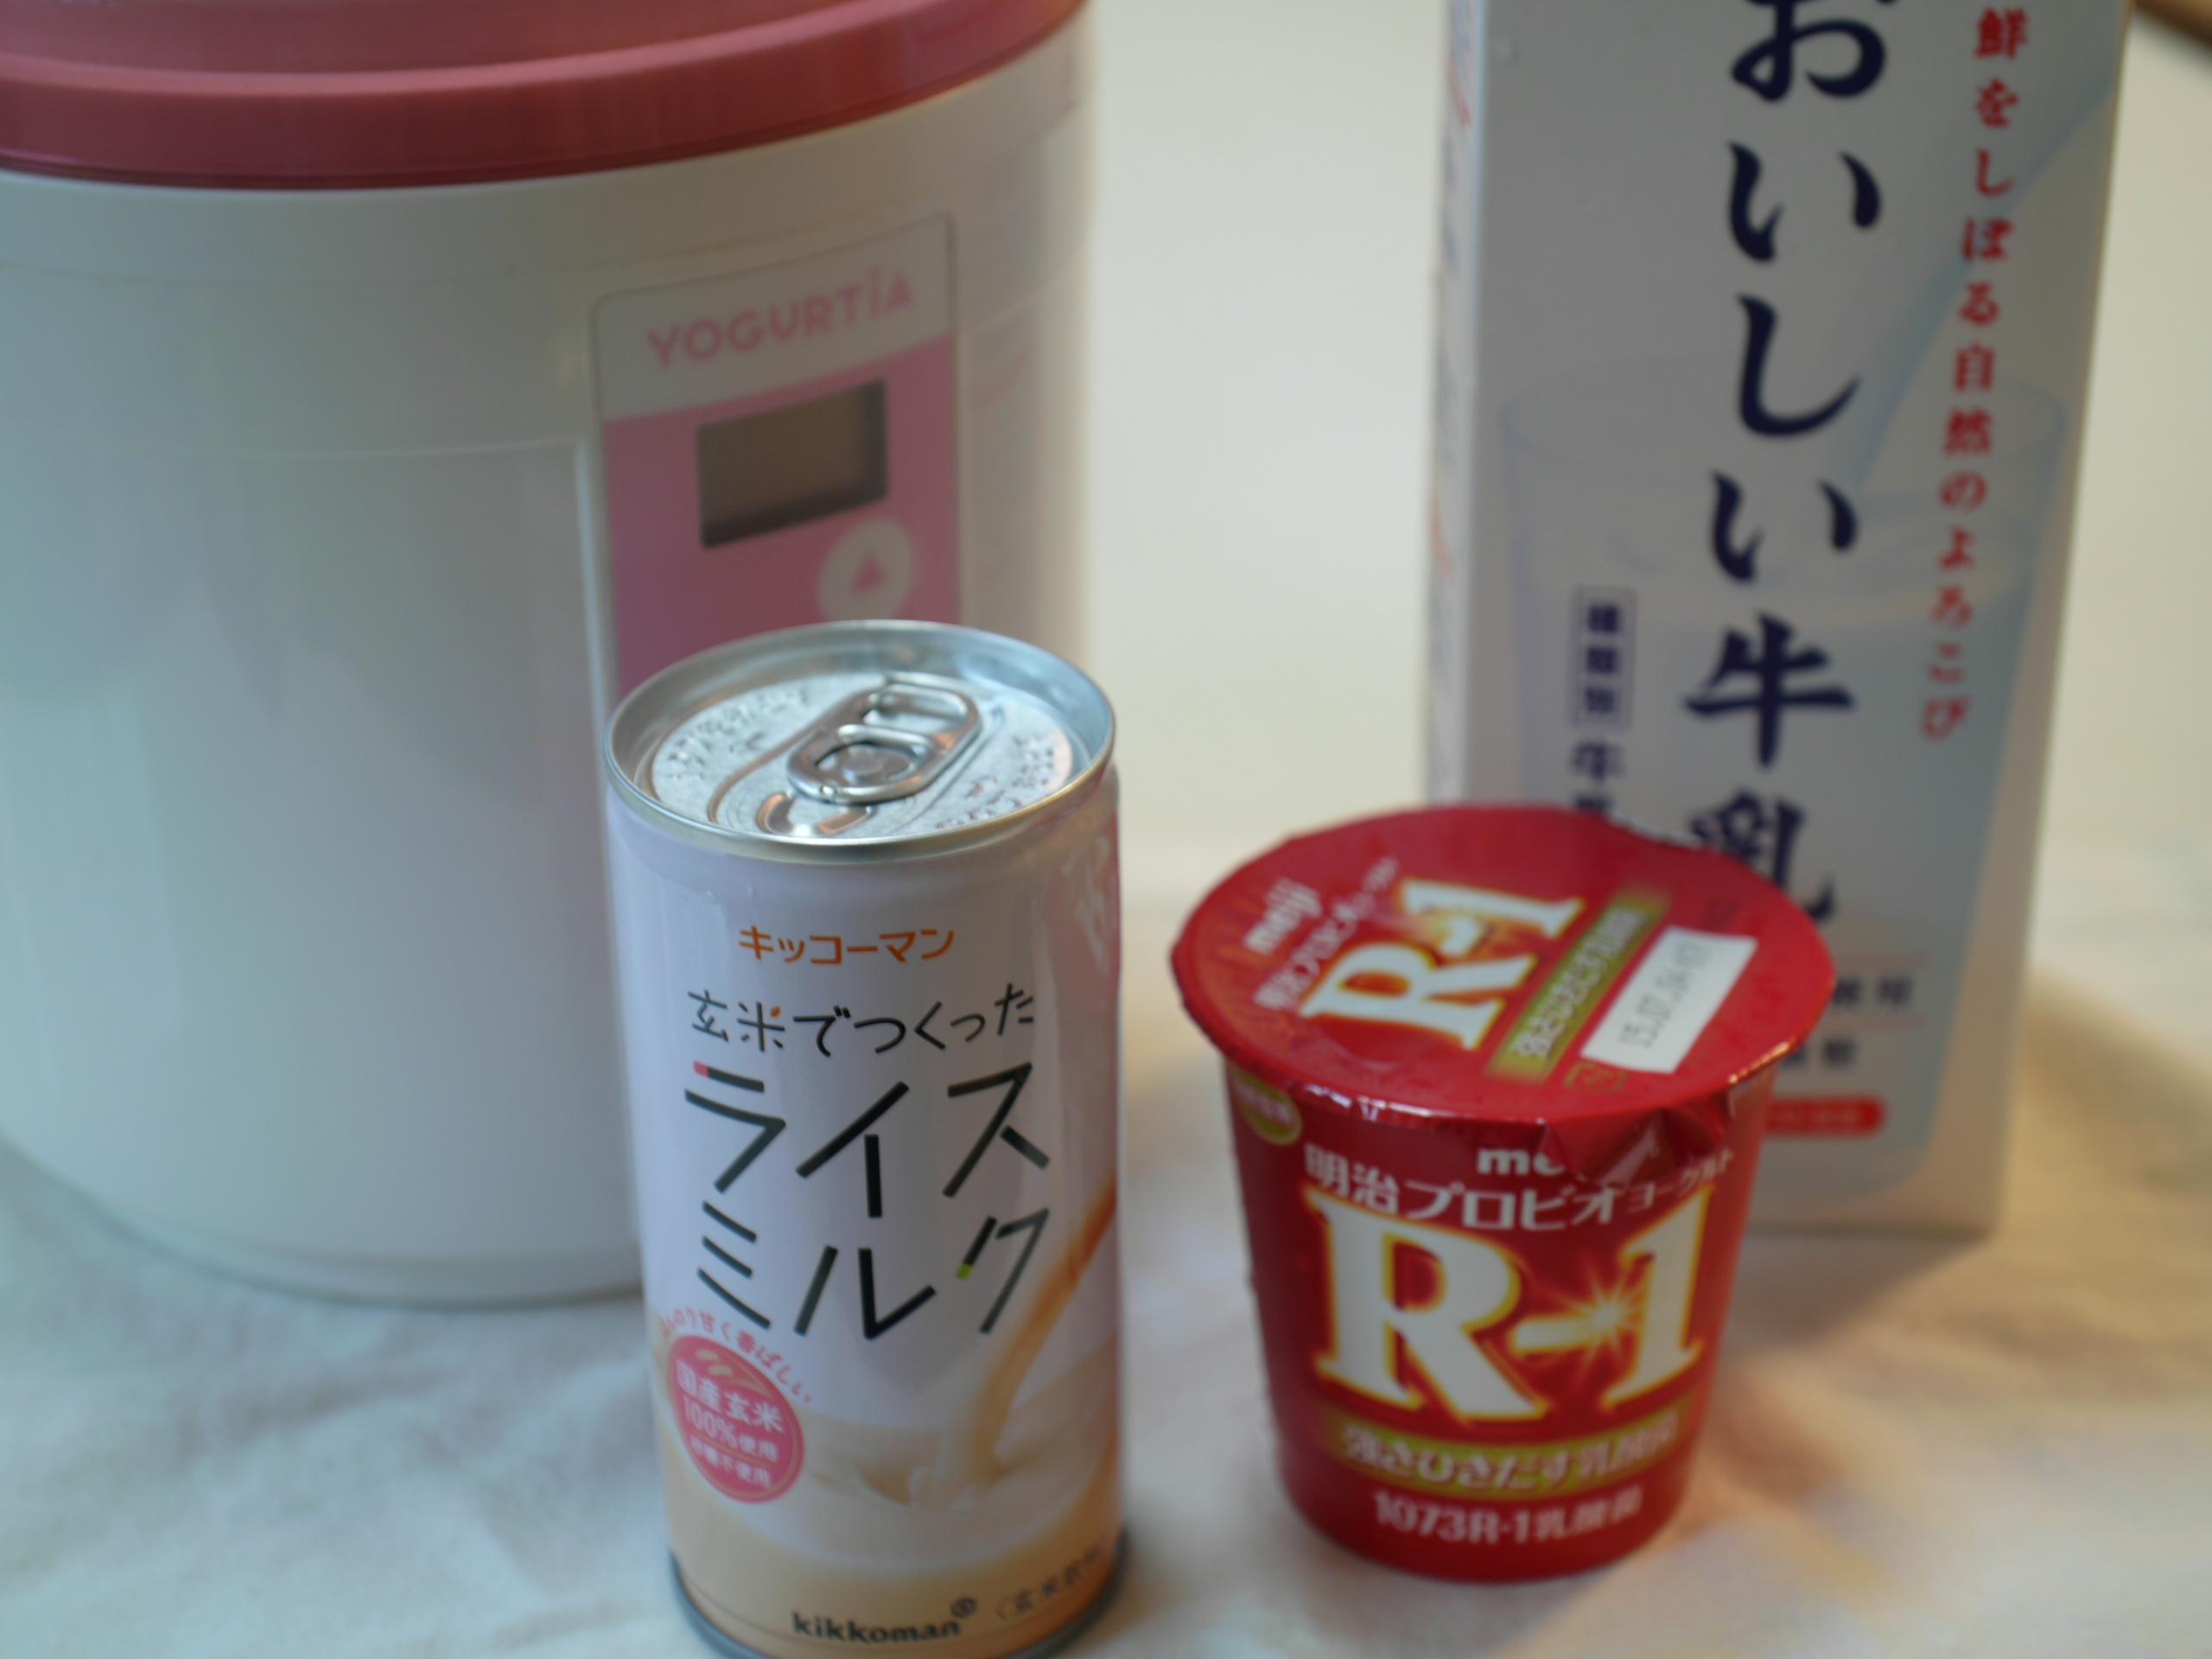 ヨーグルティア、おいしい牛乳、ライスミルク、R-1